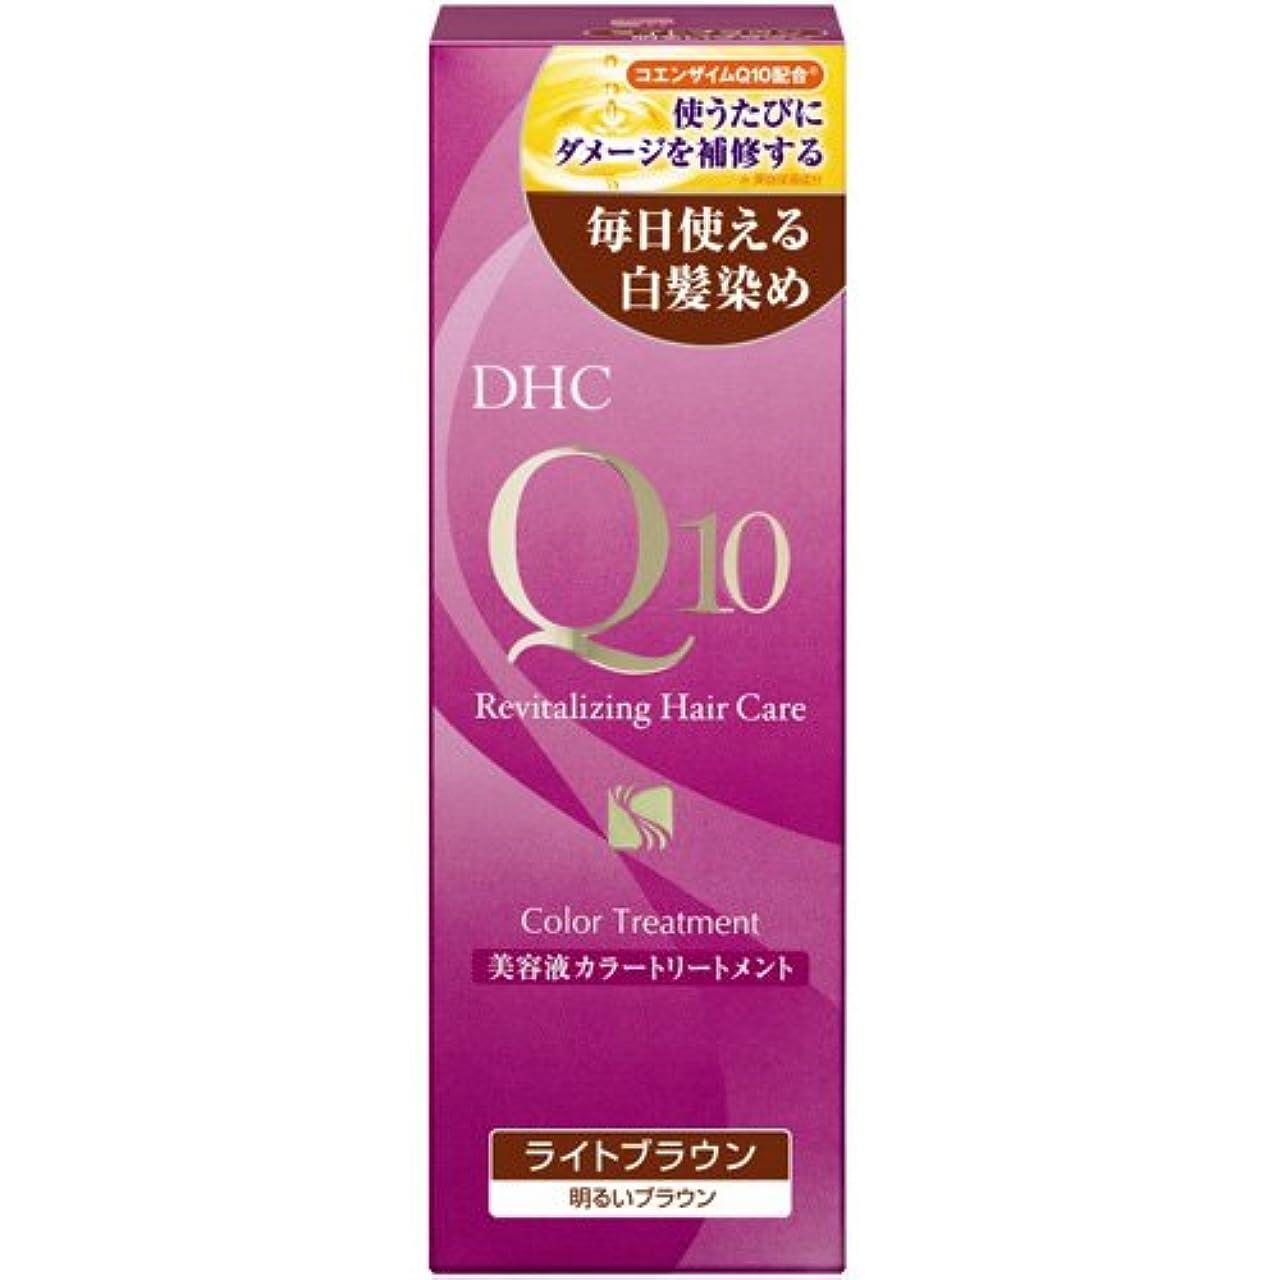 仮装健康的会うDHC Q10美溶液カラートリートメントLブラウンSS170g